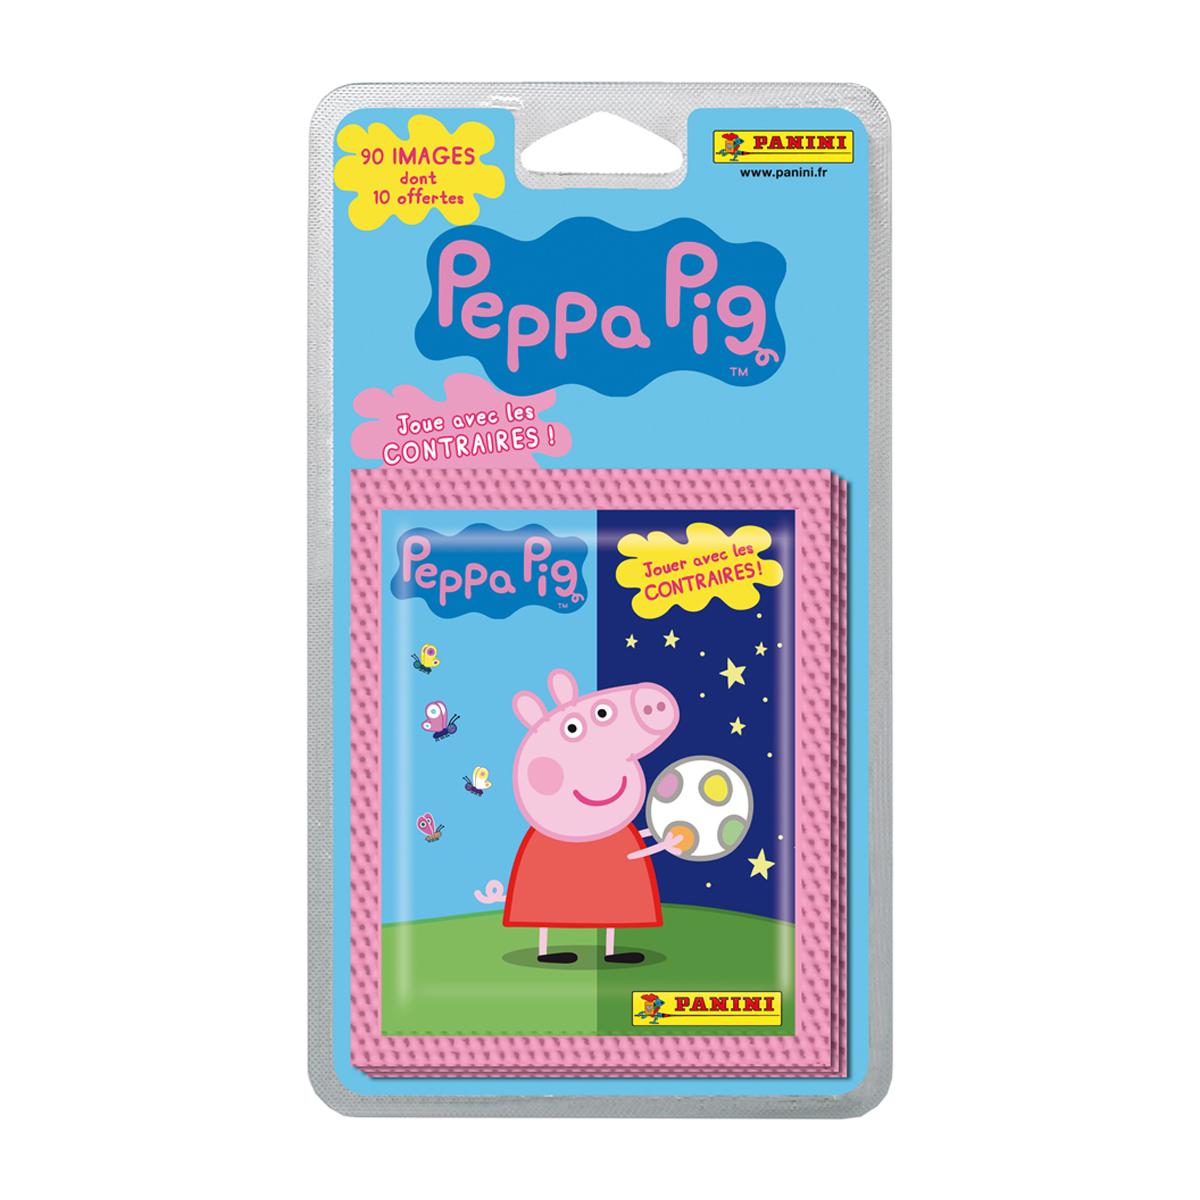 Stickers Peppa Pig joue avec les contraires - 16 pochettes